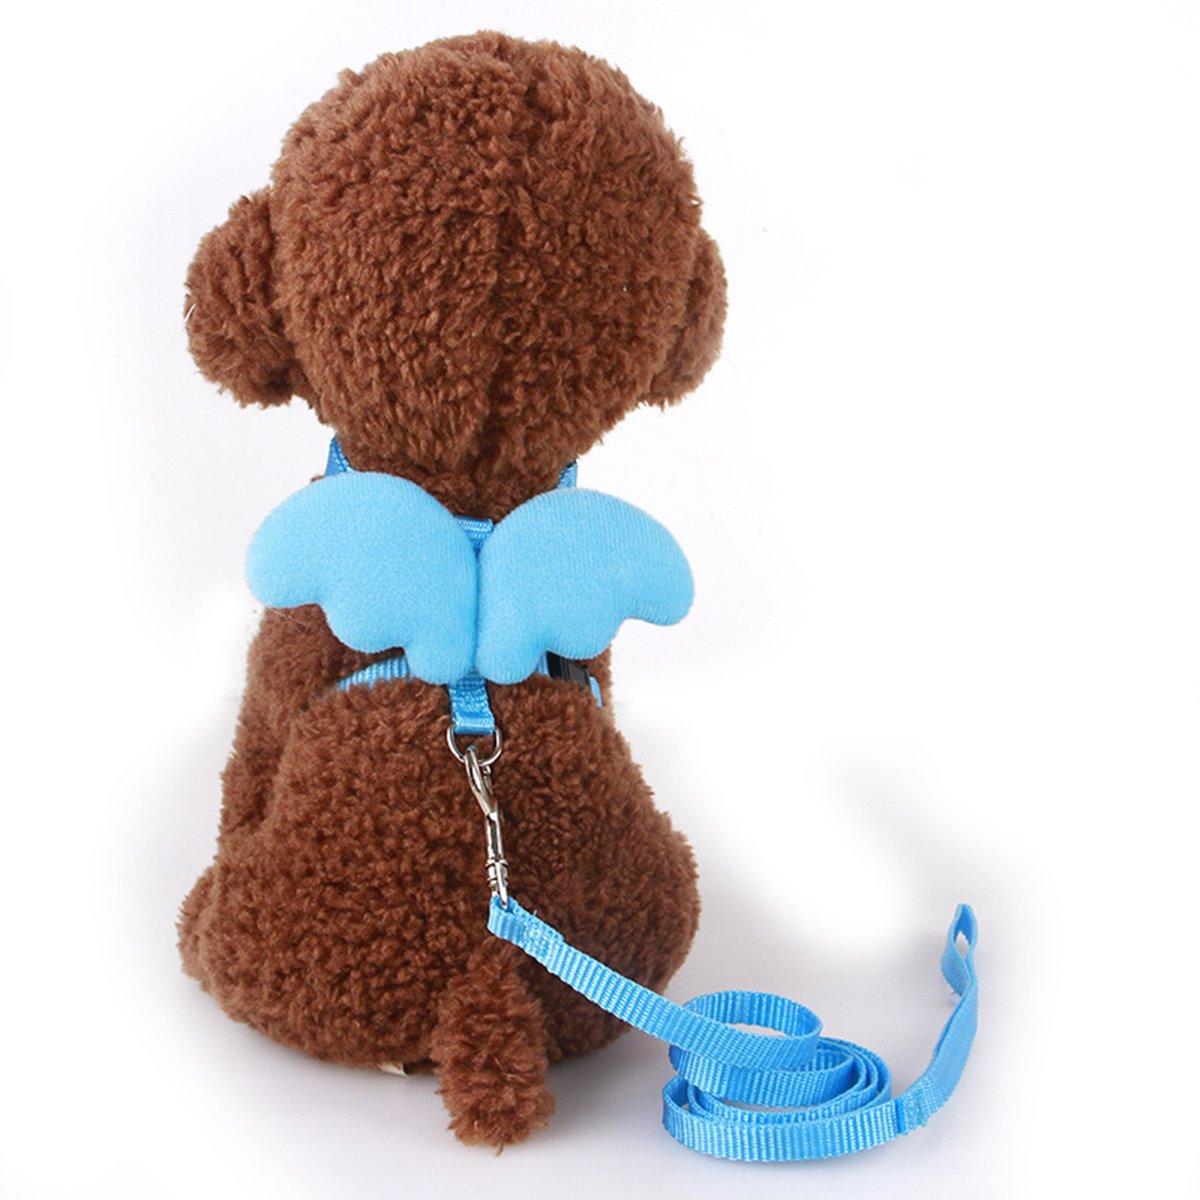 UEETEK Guaina regolabile del cane da cablaggio del cane da compagnia il formato M guinzaglio morbido del gatto del cucciolo con le ali dellananas del guinzaglio le cinghie della cassa per i piccoli cani